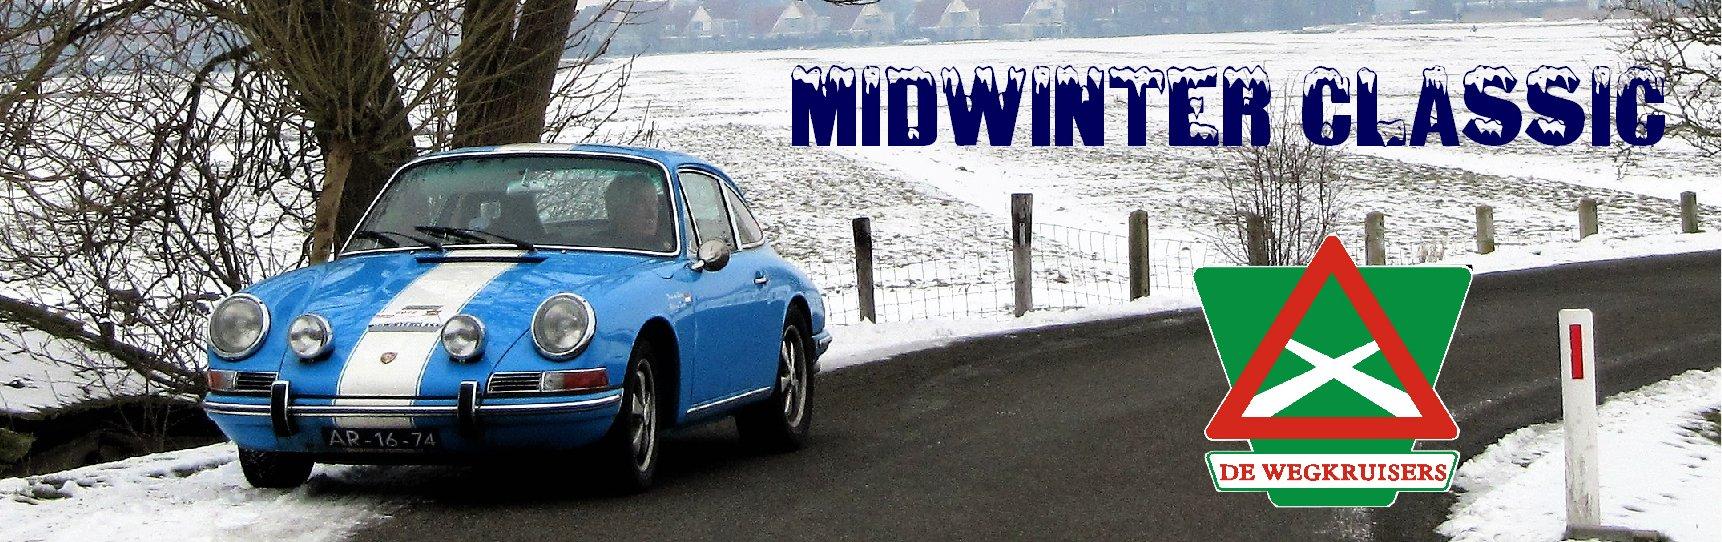 Midwinterclassic